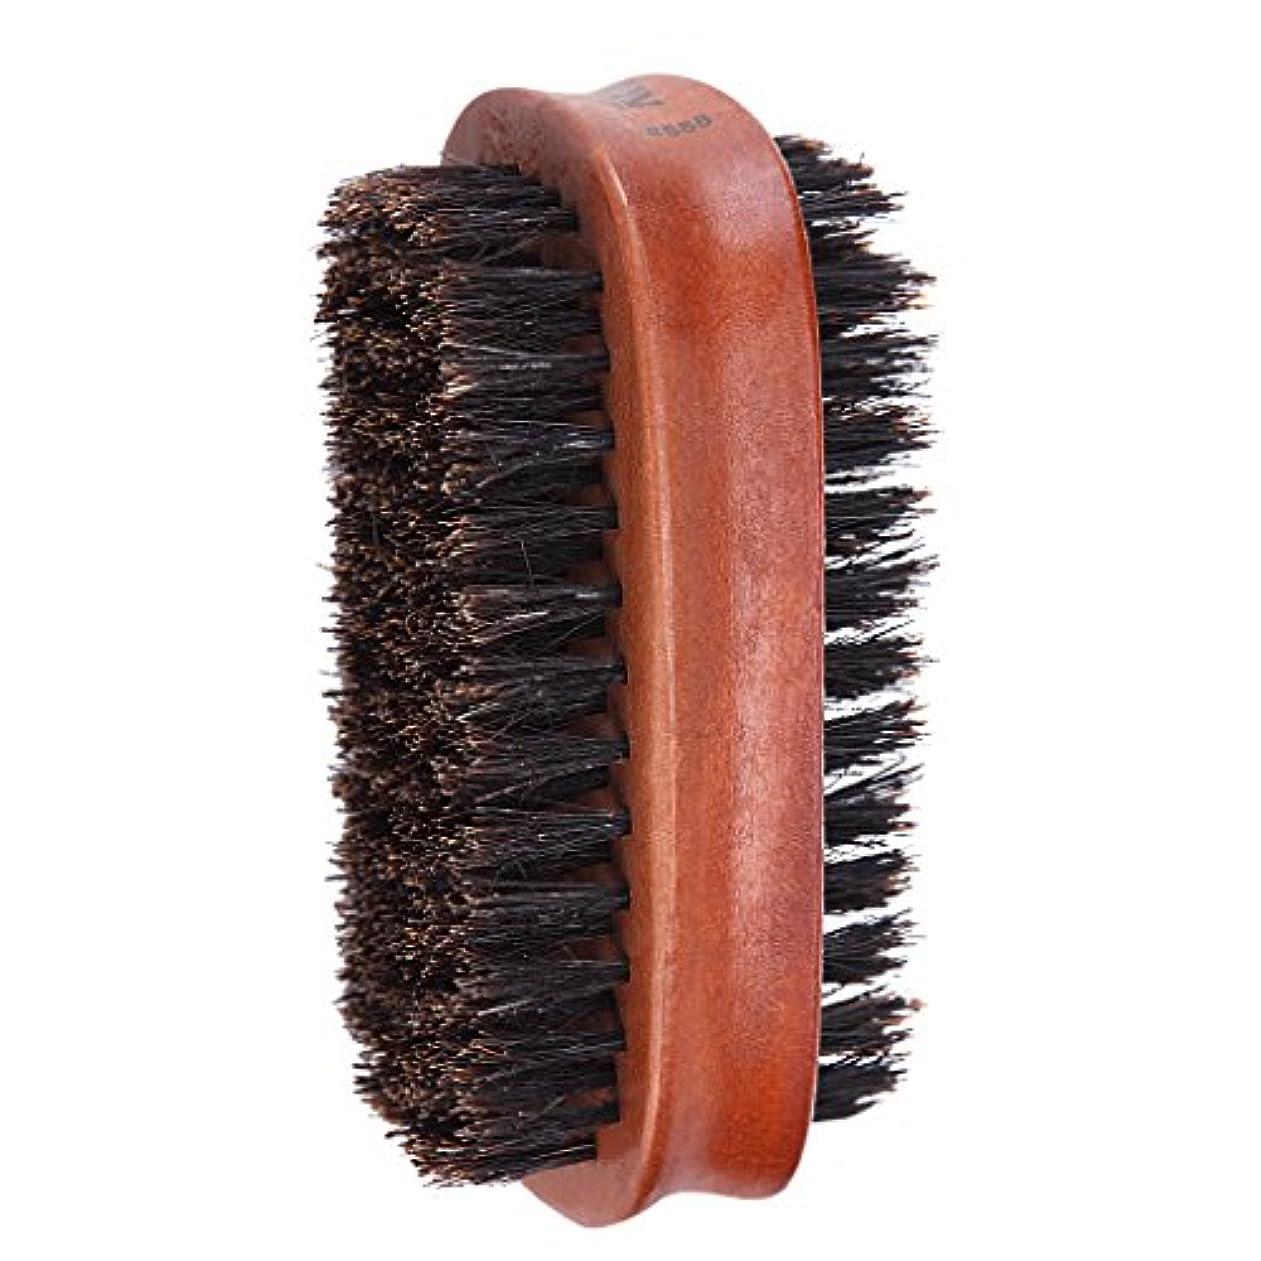 に付ける一人で盗賊CUTICATE 男性髪髭口ひげグルーミングブラシハード両面コーム